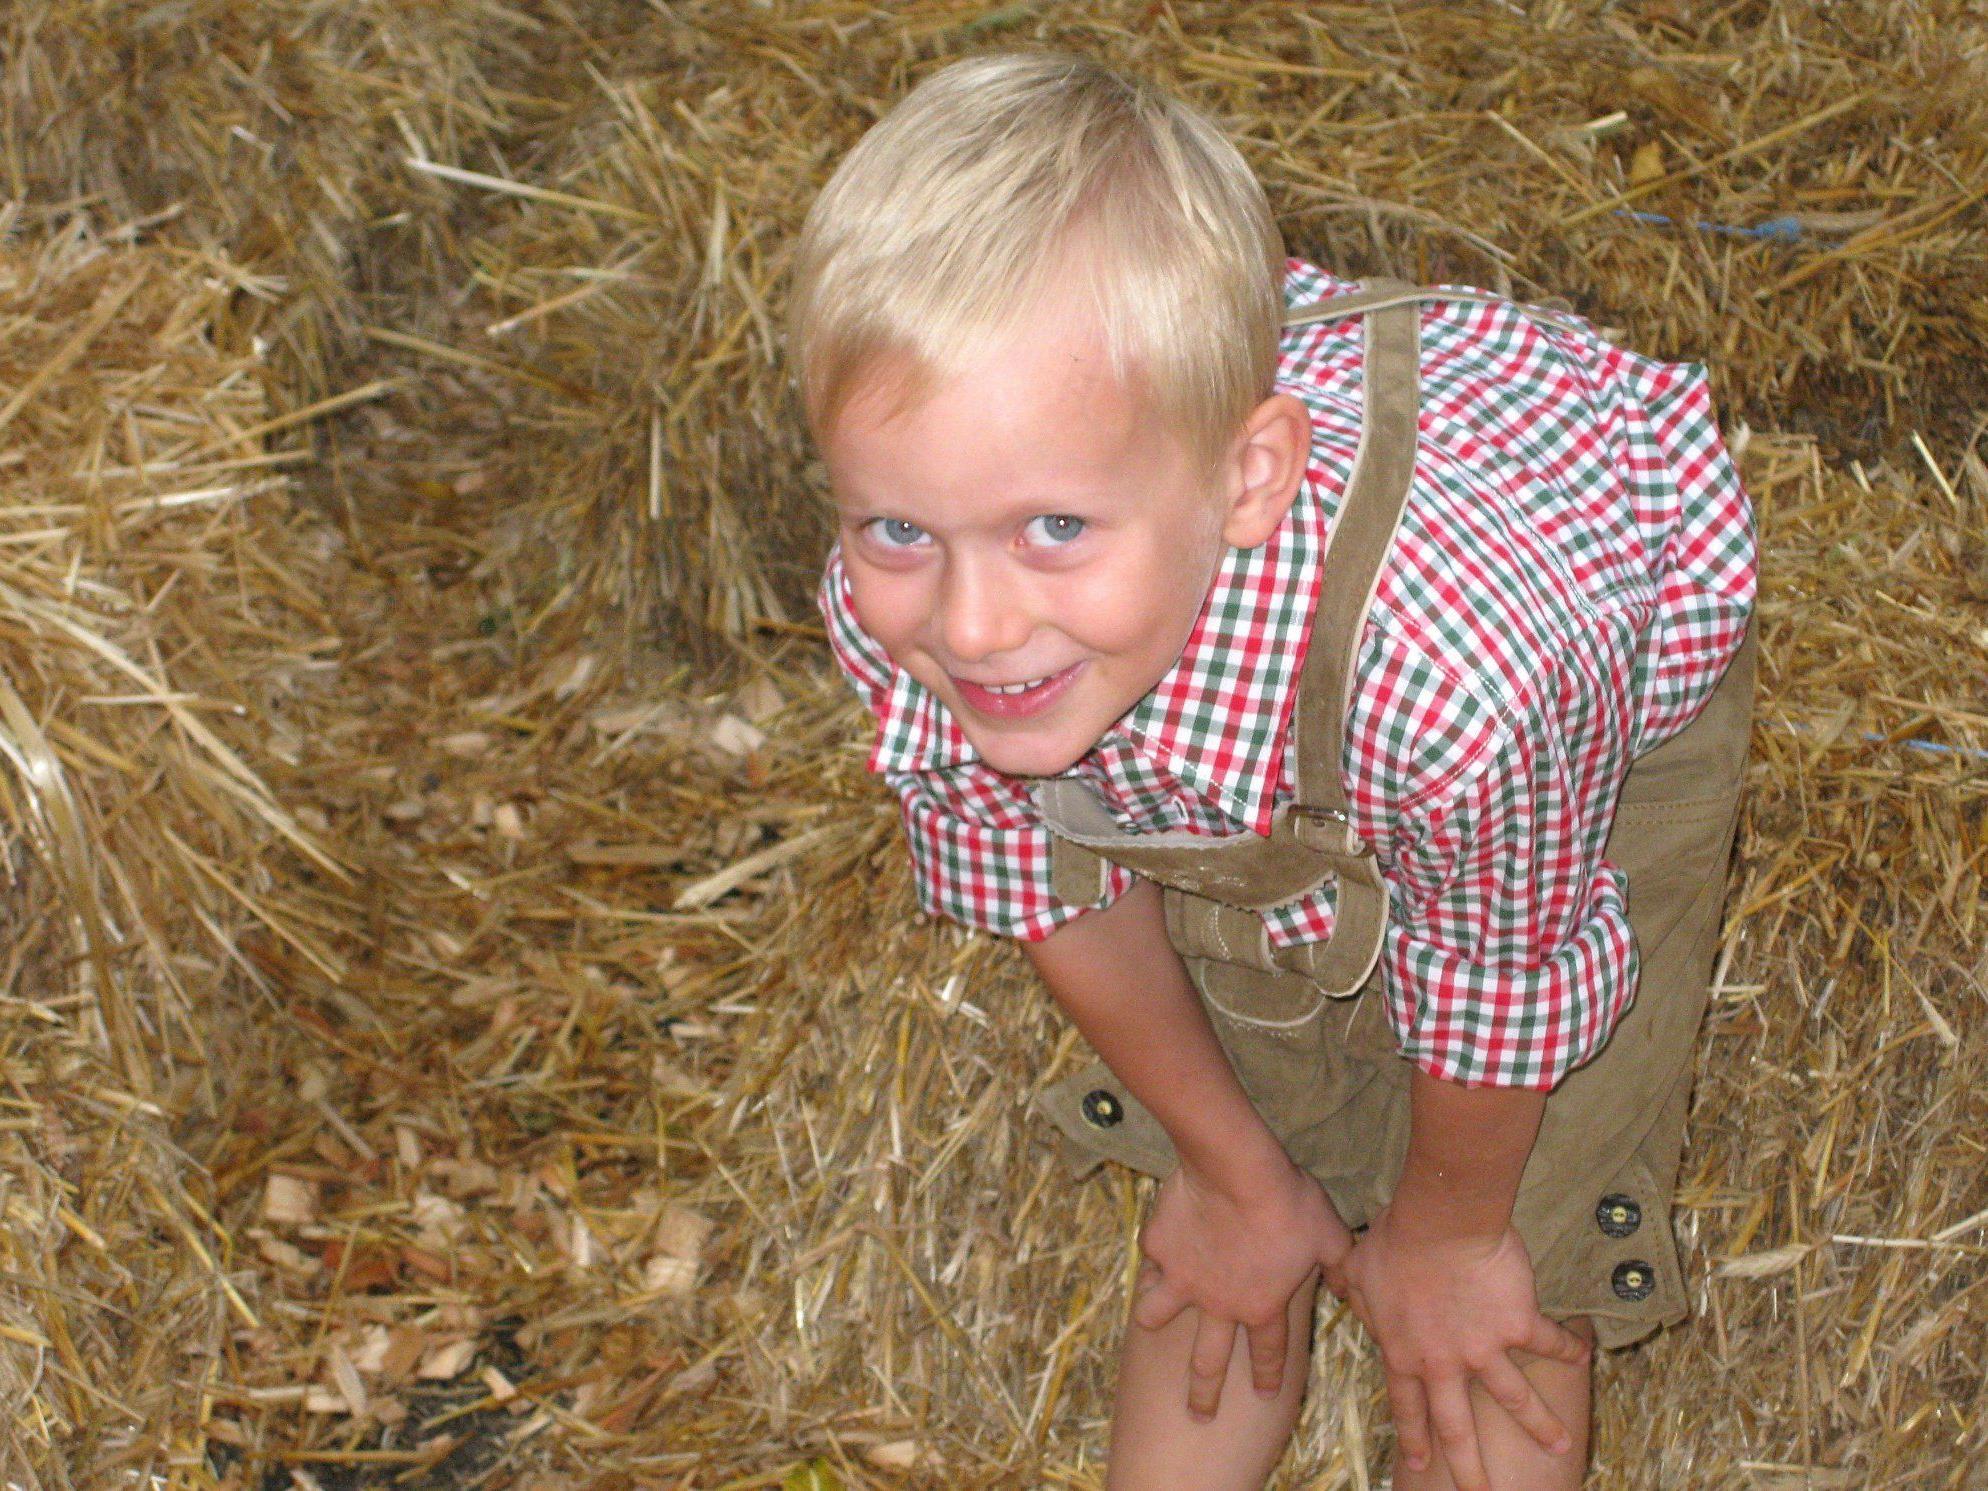 Der Fünfjährige wurde von seinem Vater nach Dänemark gebracht.